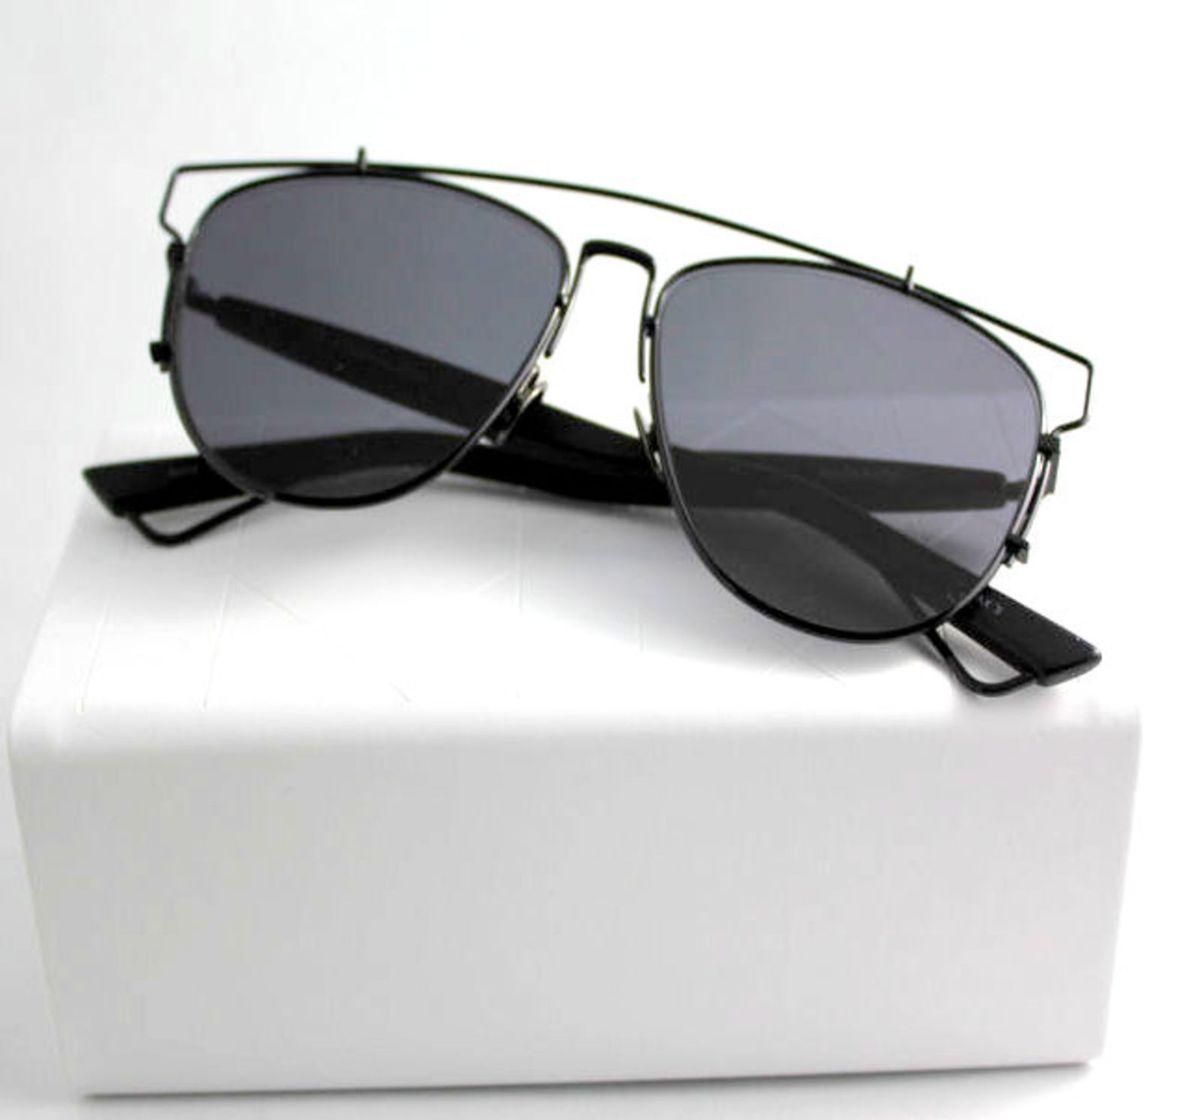 óculos dior technologic preto - óculos dior.  Czm6ly9wag90b3muzw5qb2vplmnvbs5ici9wcm9kdwn0cy83mje5njcvzgq4mmqxmze1ogfinjmyywy1mjjhn2y4oge1mjq2yweuanbn  ... f0bb5dbd1c